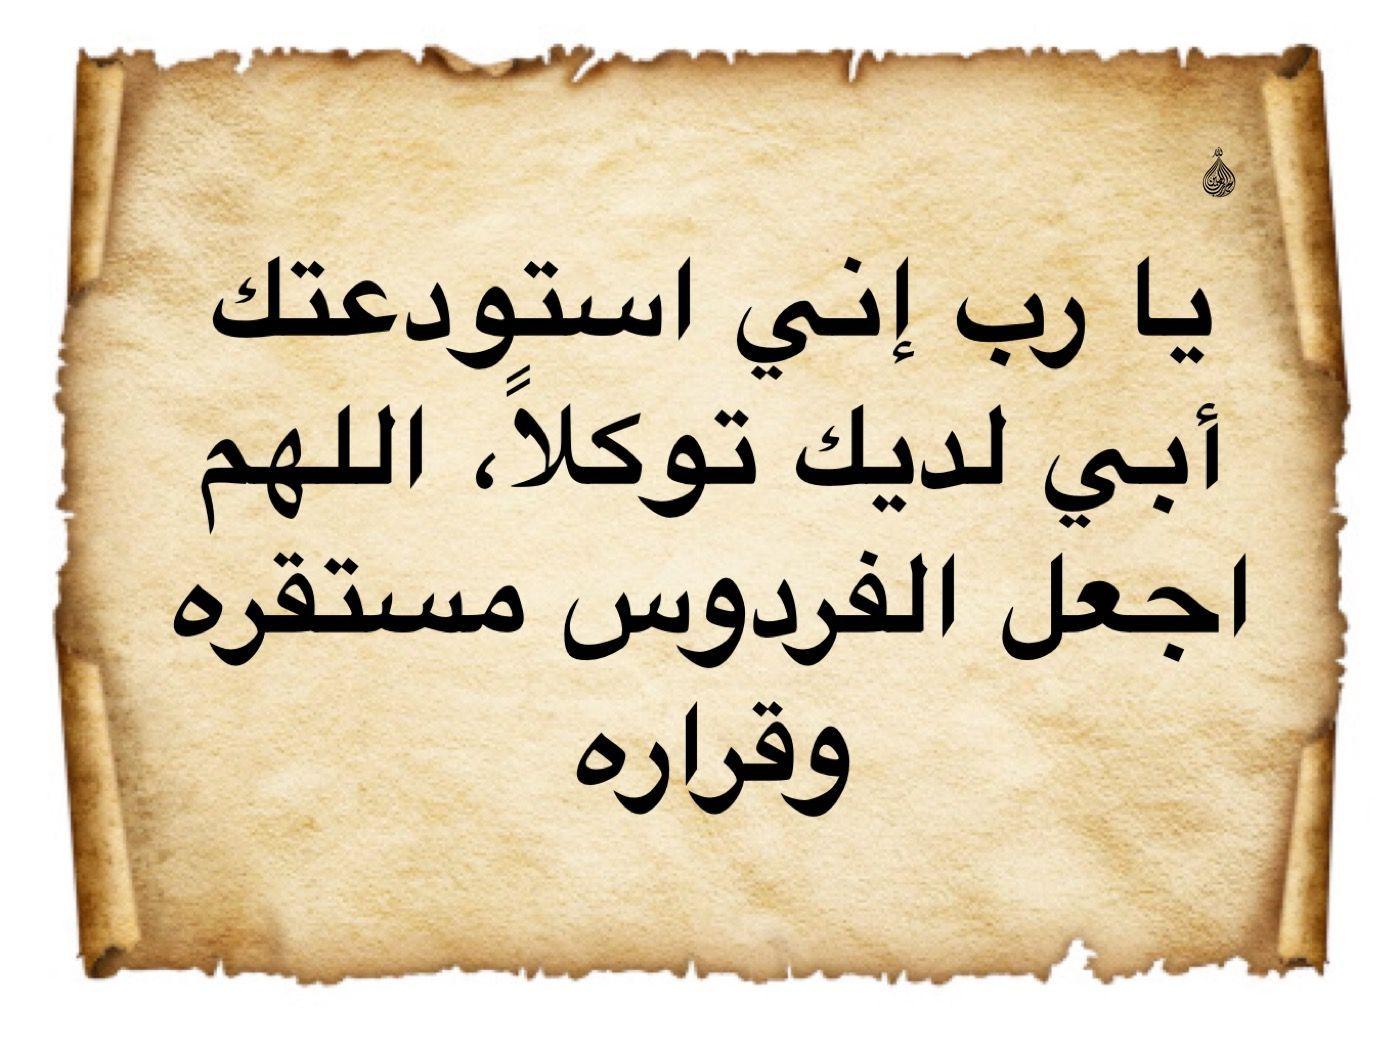 دعاء للأب المتوفي قبل وبعد الدفن ادعية المتوفي ادعية الميت ادعية للاب ادعية للاب المتوفي جميلة Arabic Calligraphy Calligraphy Projects To Try